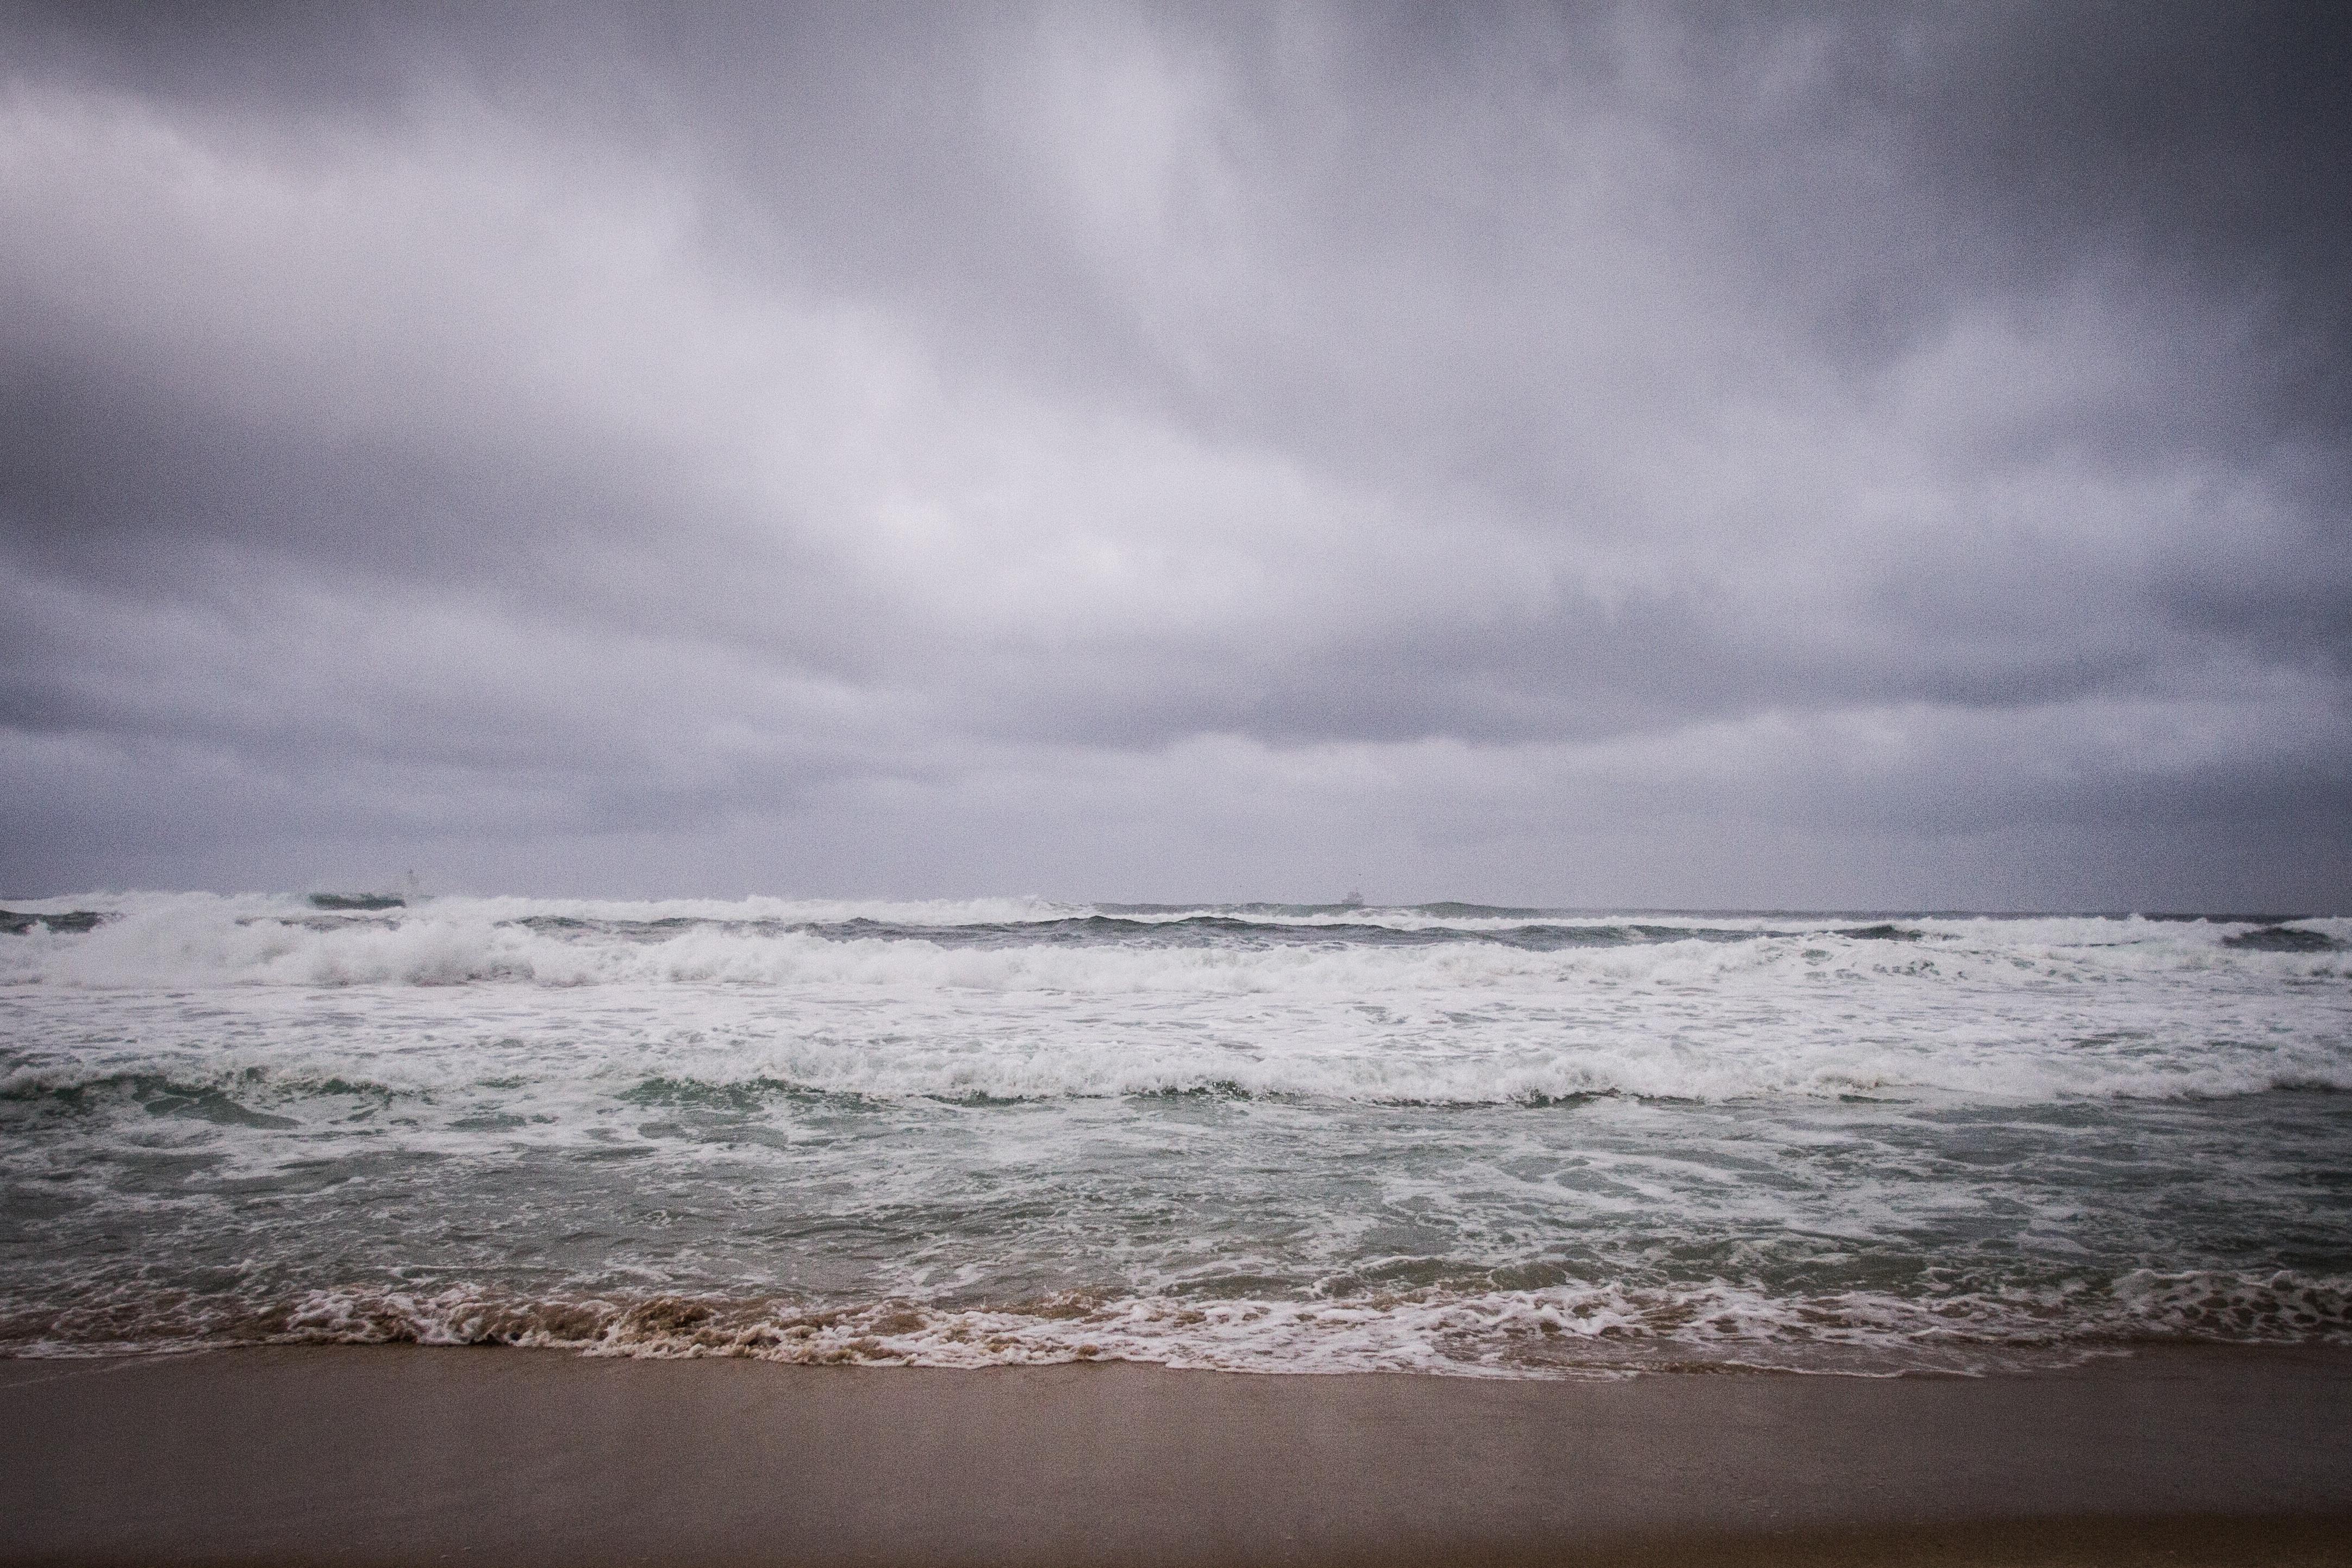 море с плохой погодой картинка уже писала